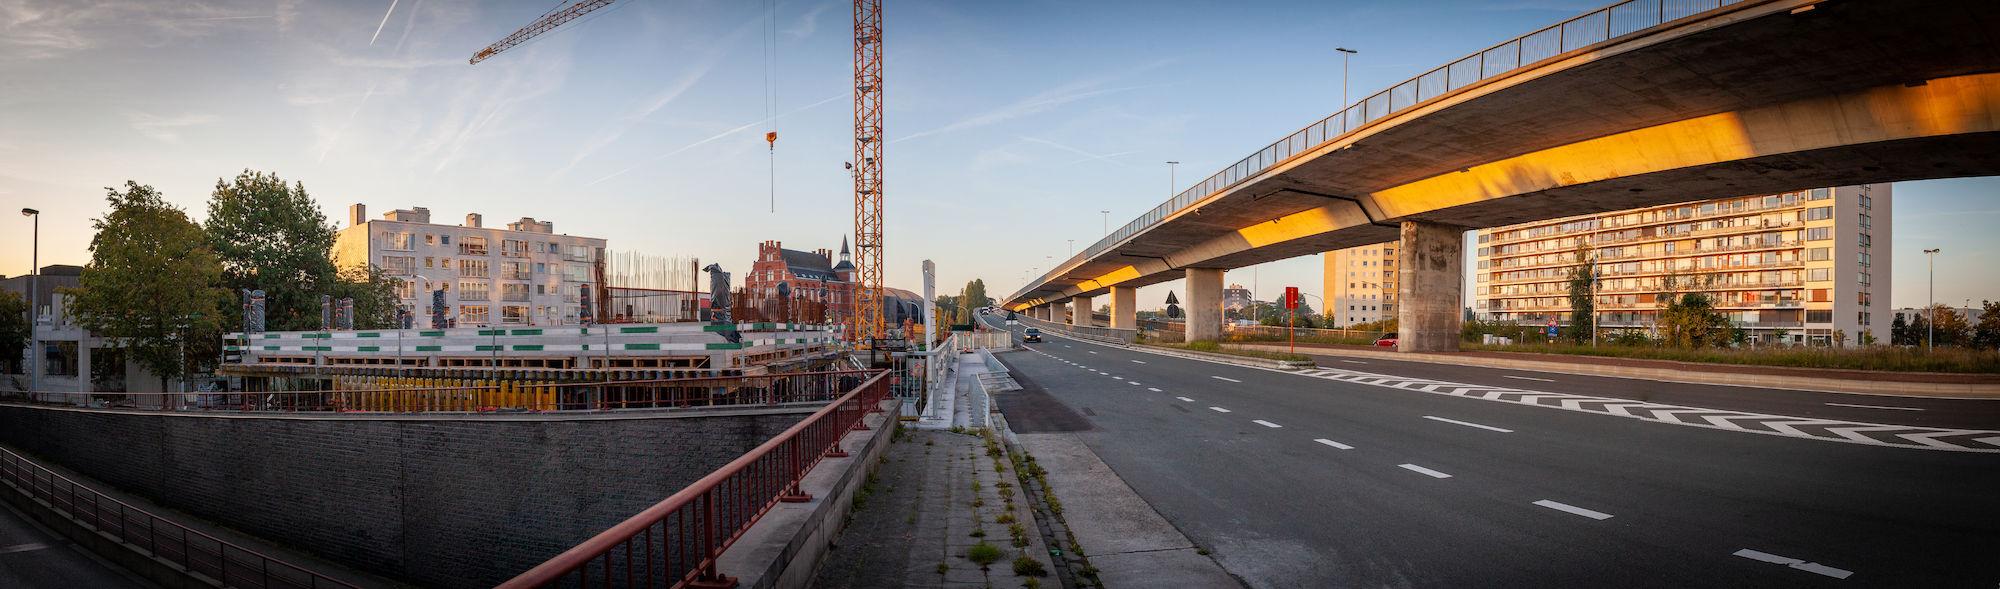 Wijk Ledeberg evolutie Stadsvernieuwing